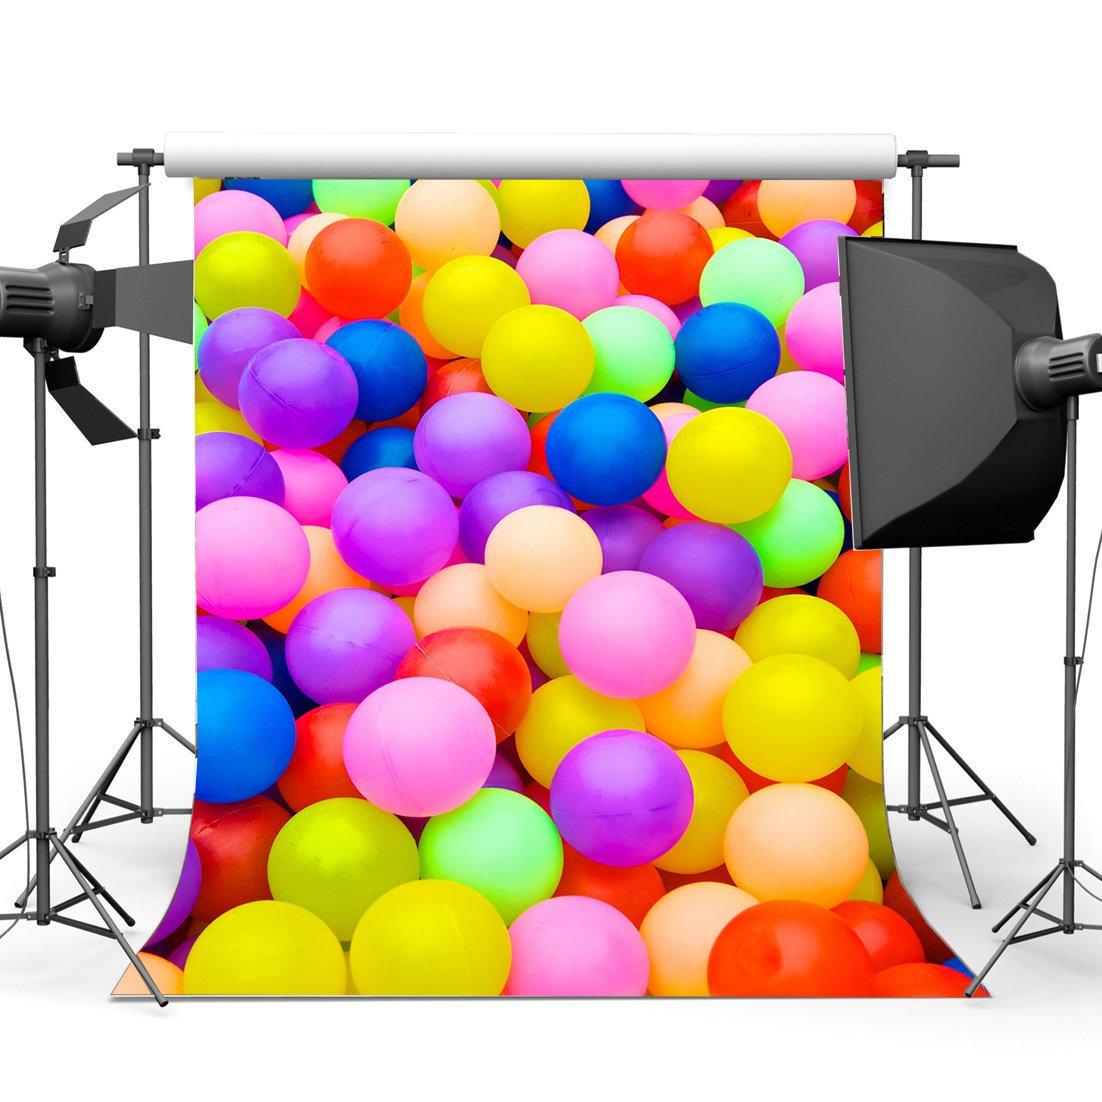 gladbuyビニール3 x 5ft Happy誕生日日Backdropカラフルボール子供S Playground Cartoon写真背景for Sweet赤ちゃんシャワー男の子女の子パーティー装飾フォトスタジオ小道具kx269   B079ZZ7HYY